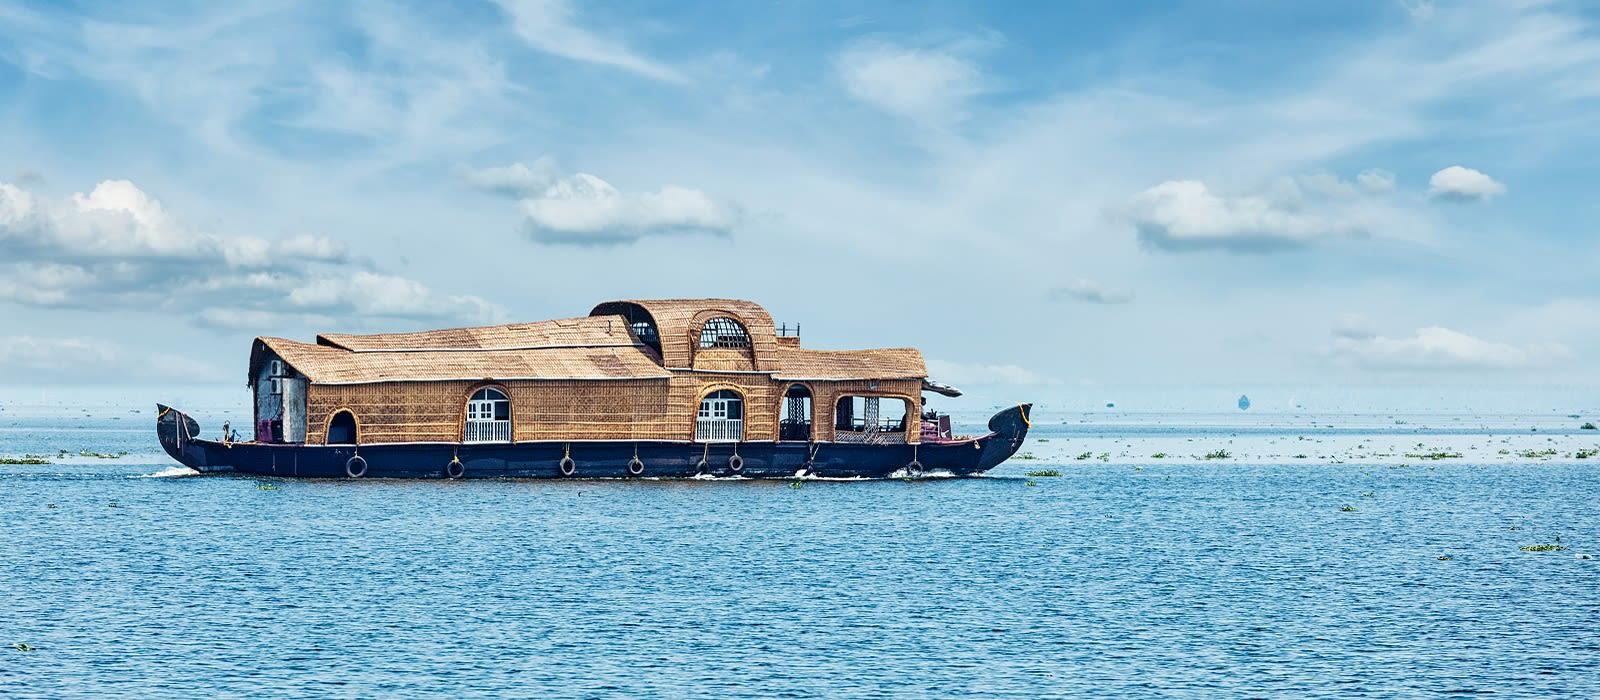 Klassische Reise nach Kerala: Backwaters und wilde Natur Urlaub 1